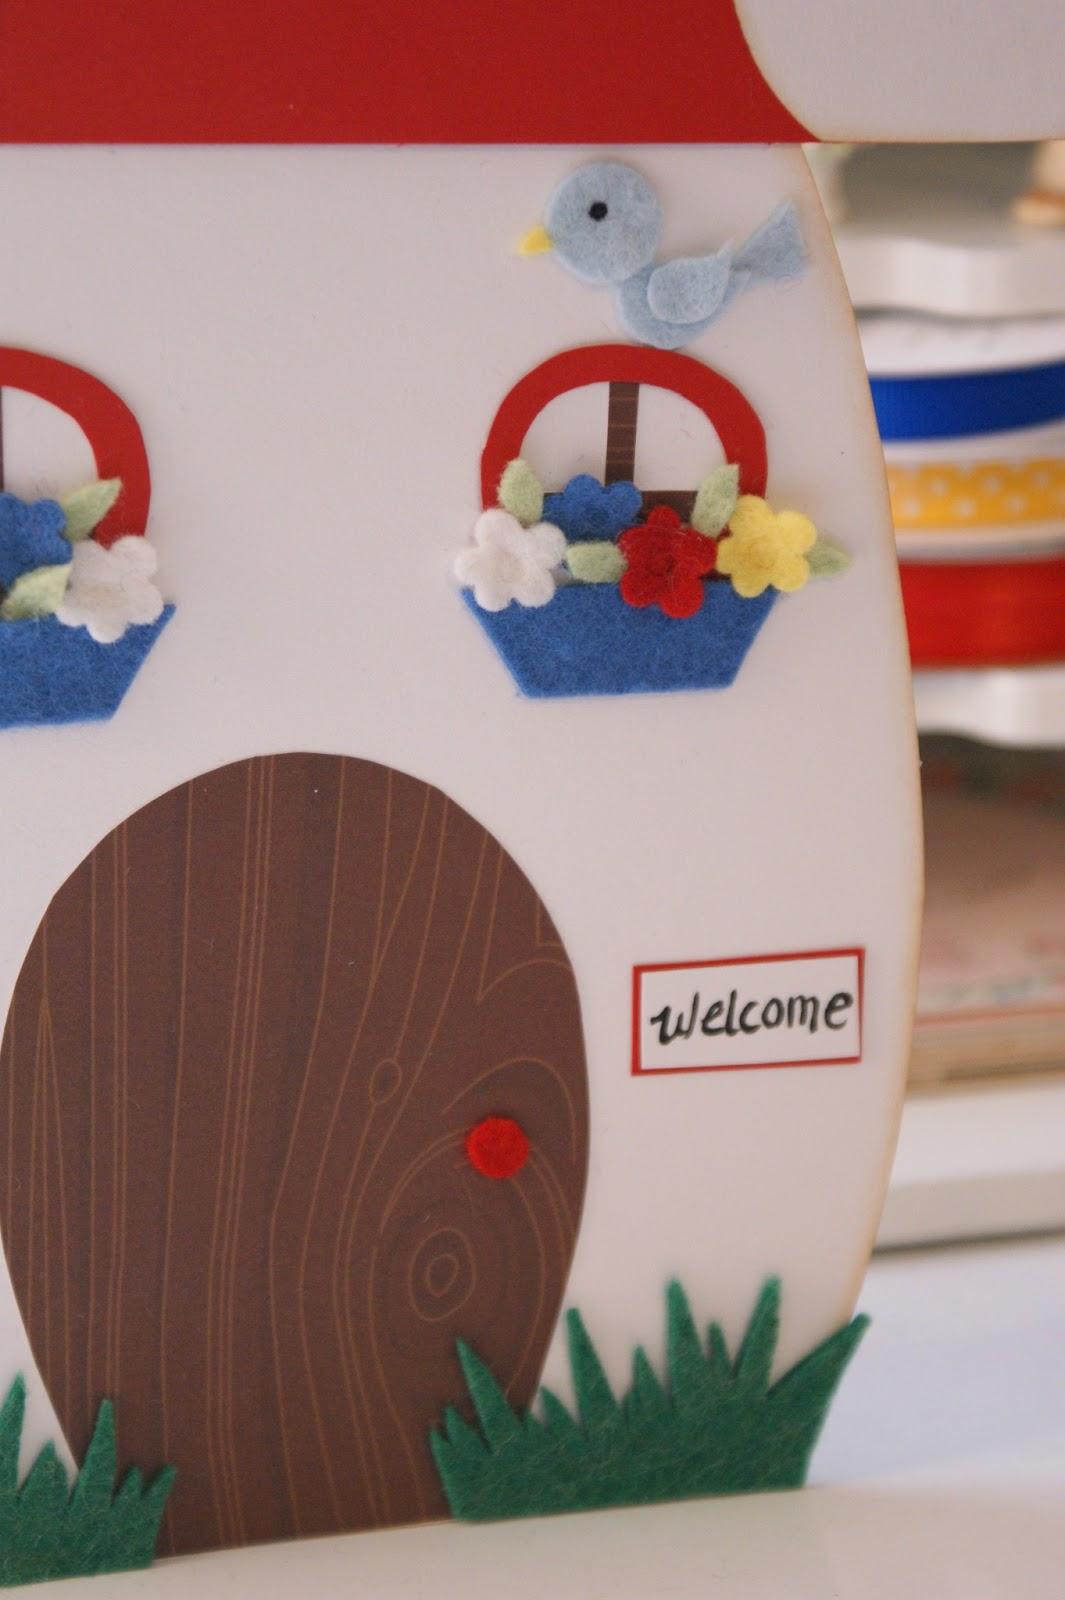 cotton pickin' fun!: Gnome Sweet Gnome II